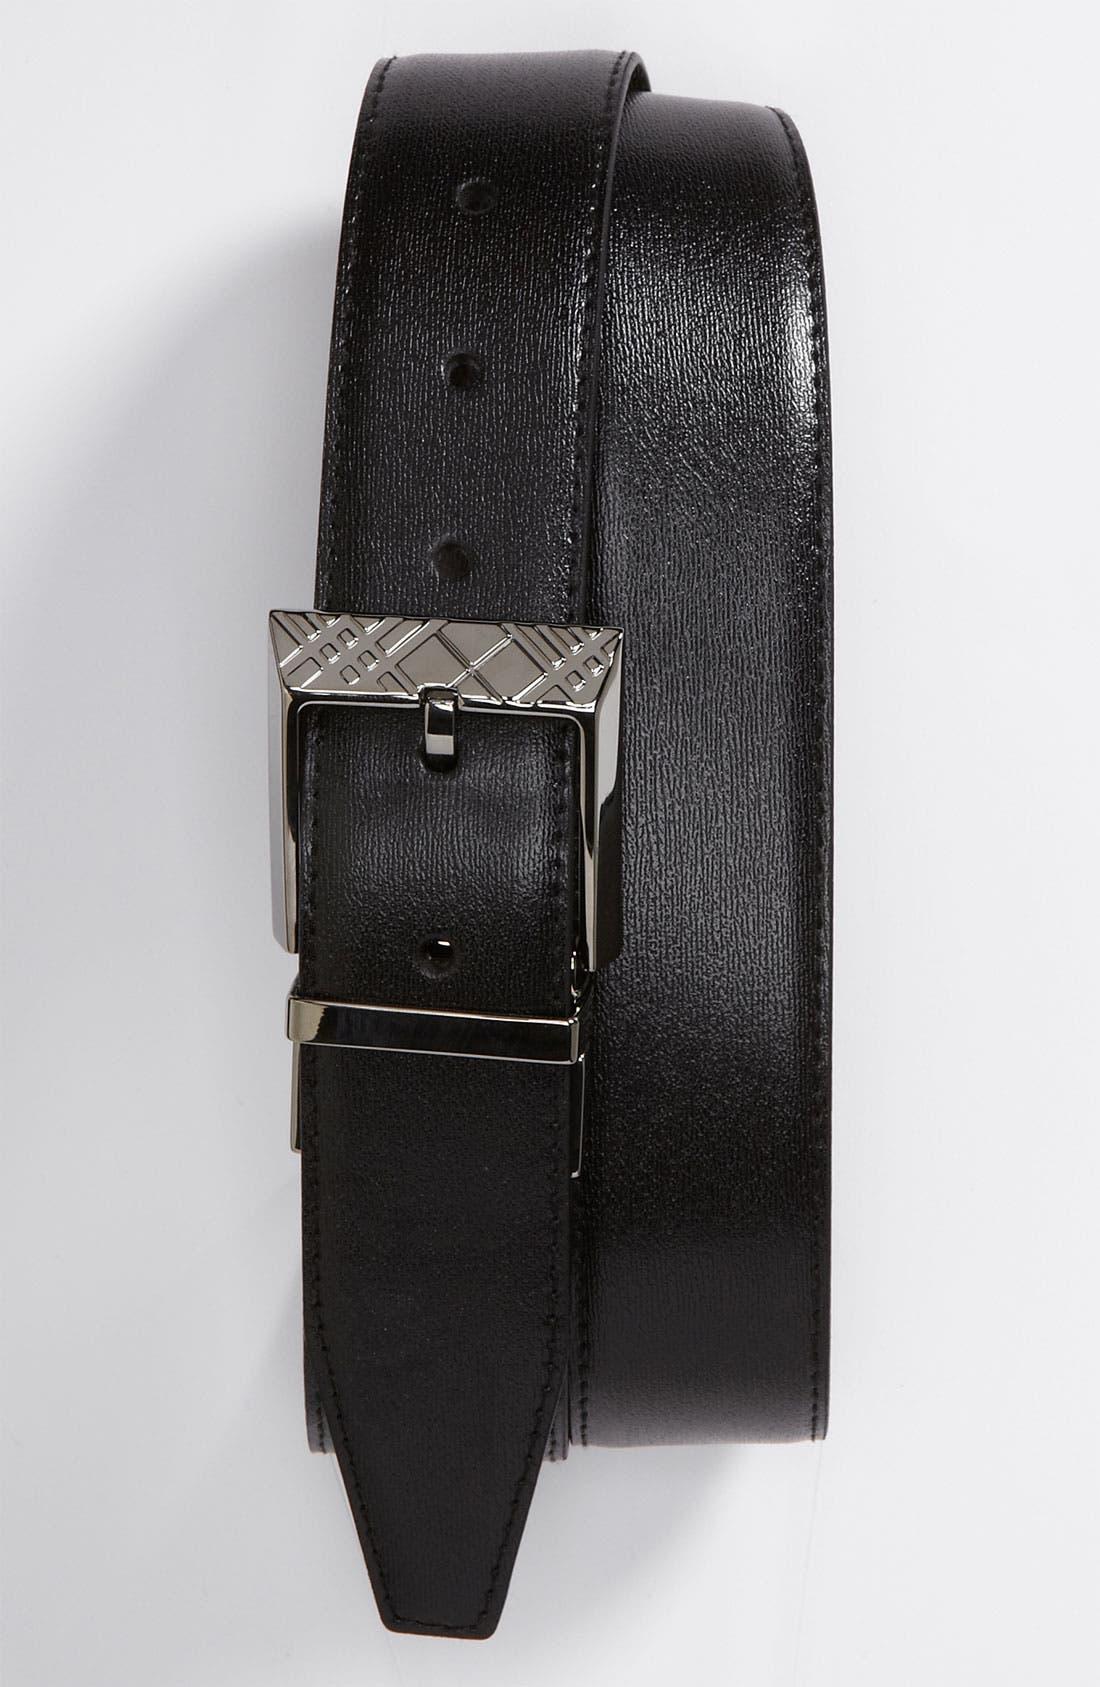 Main Image - Burberry Calfskin Belt